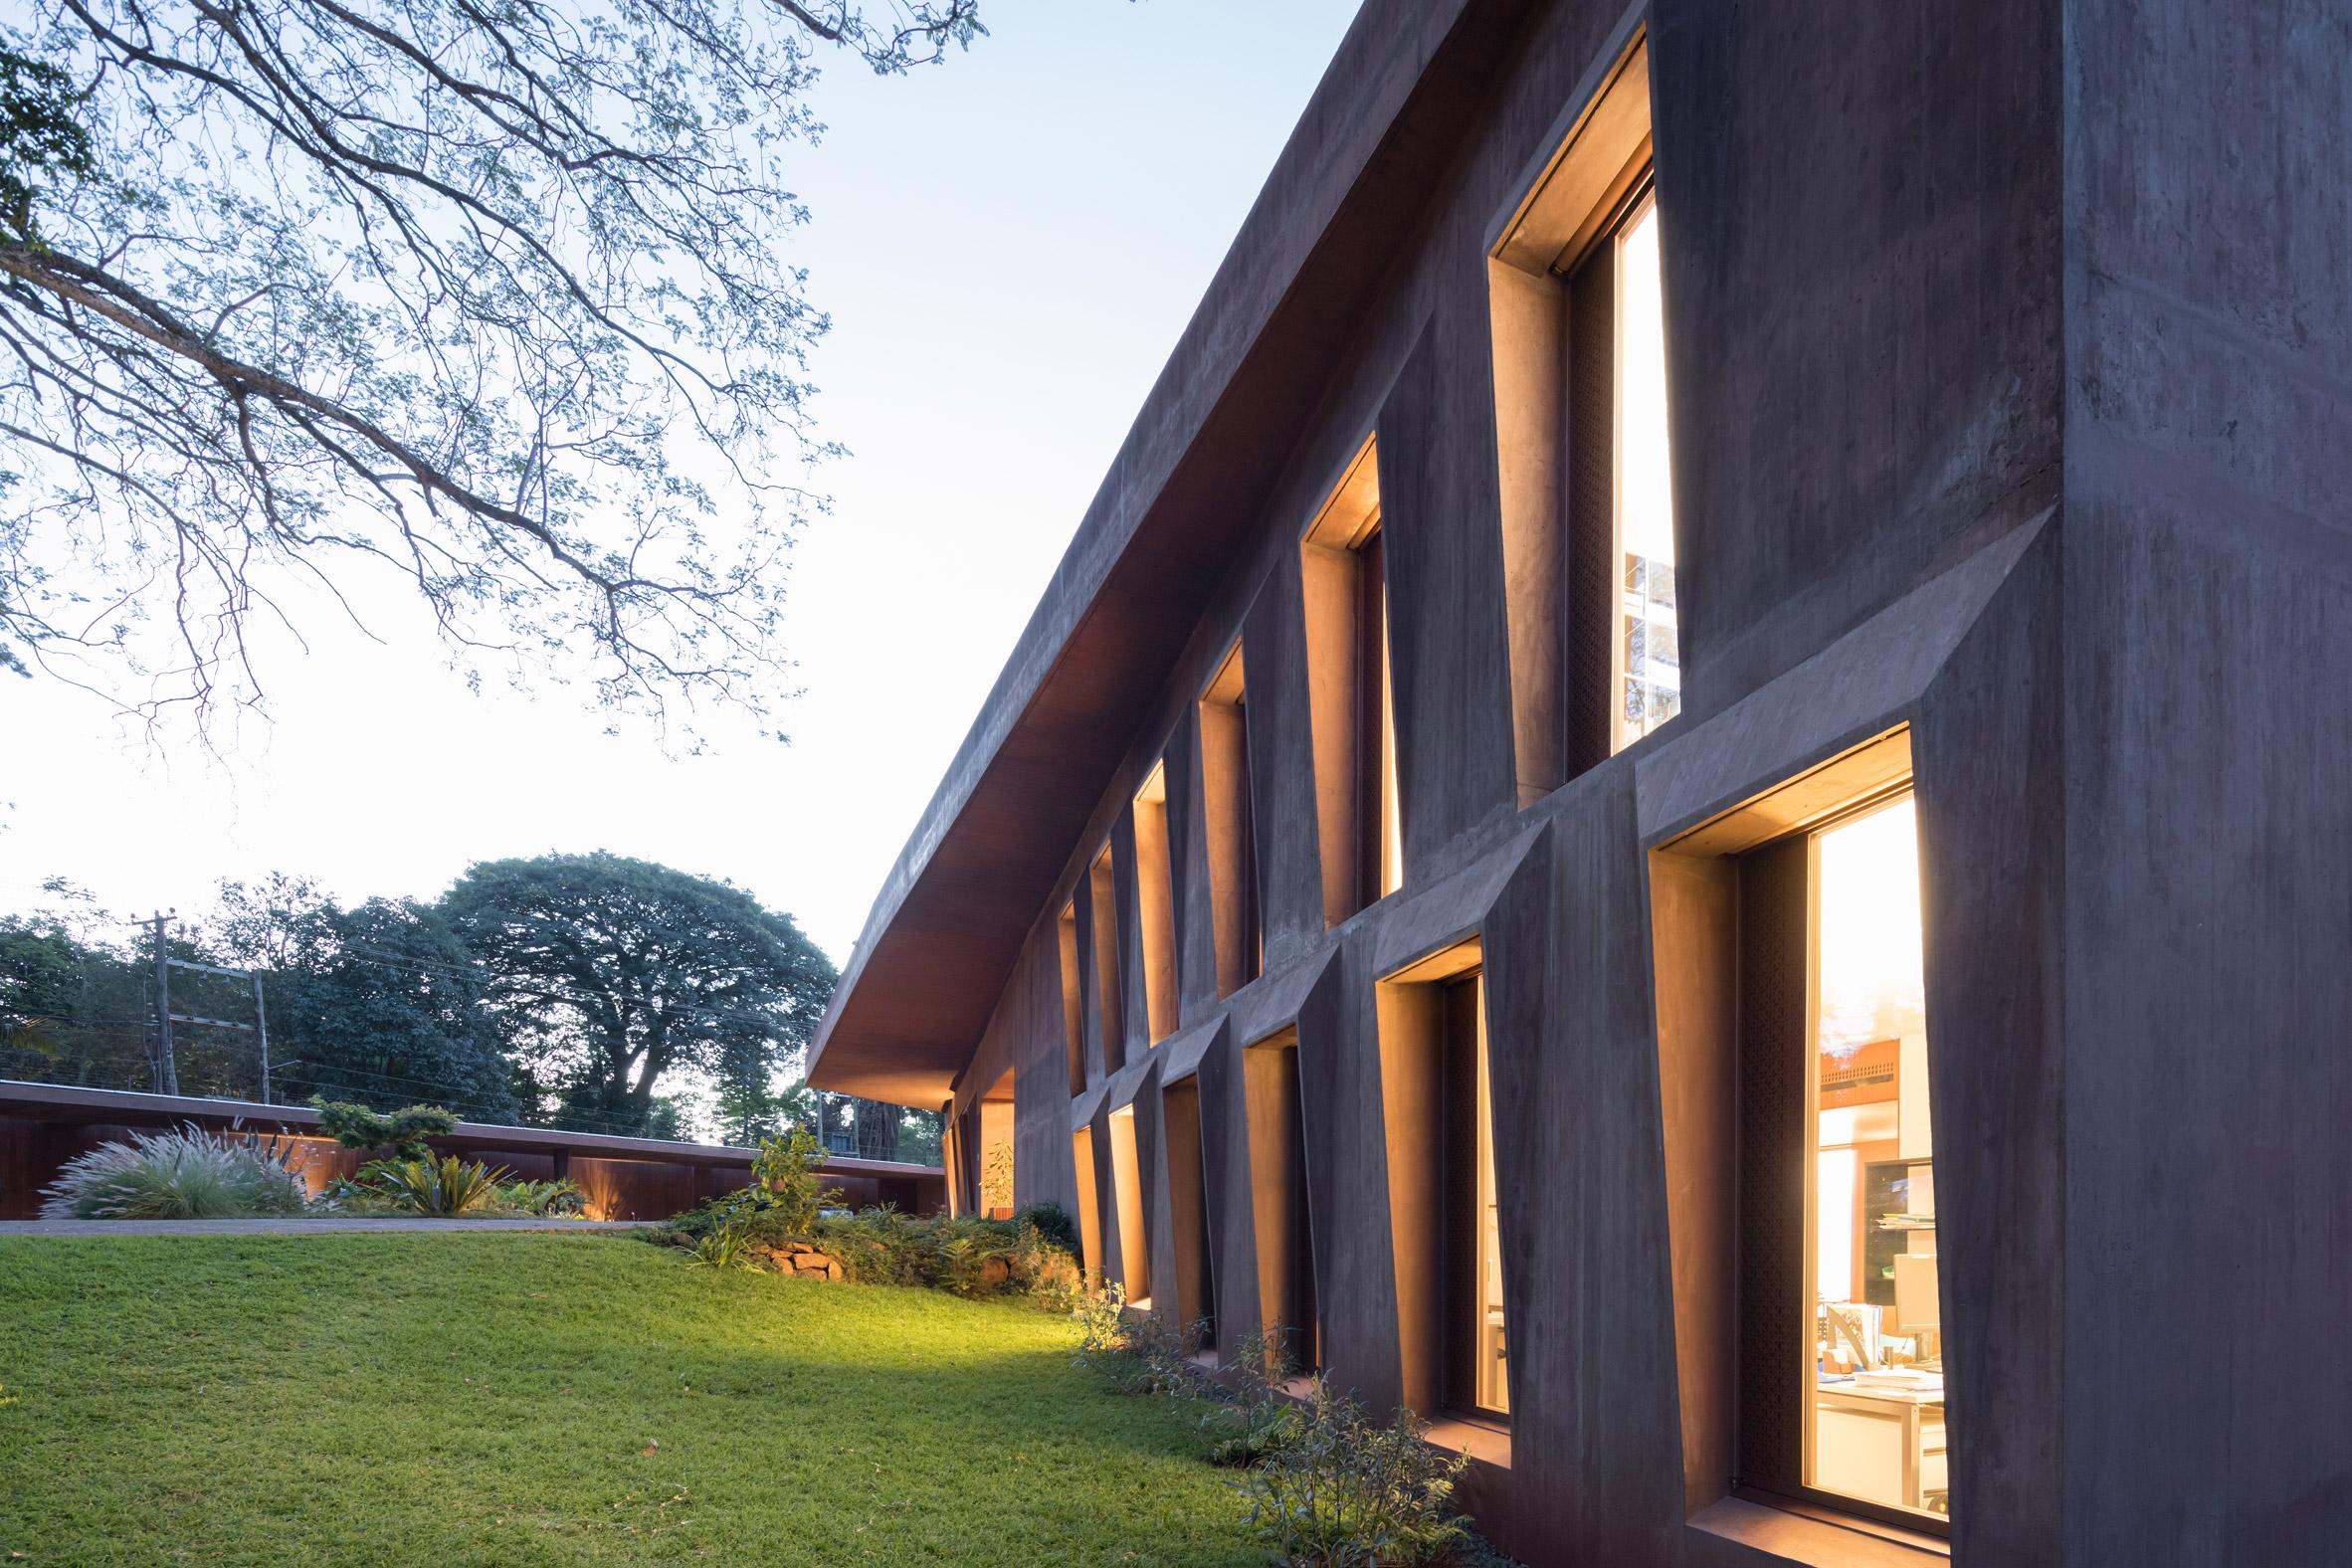 Embajada de Suiza en Kenia